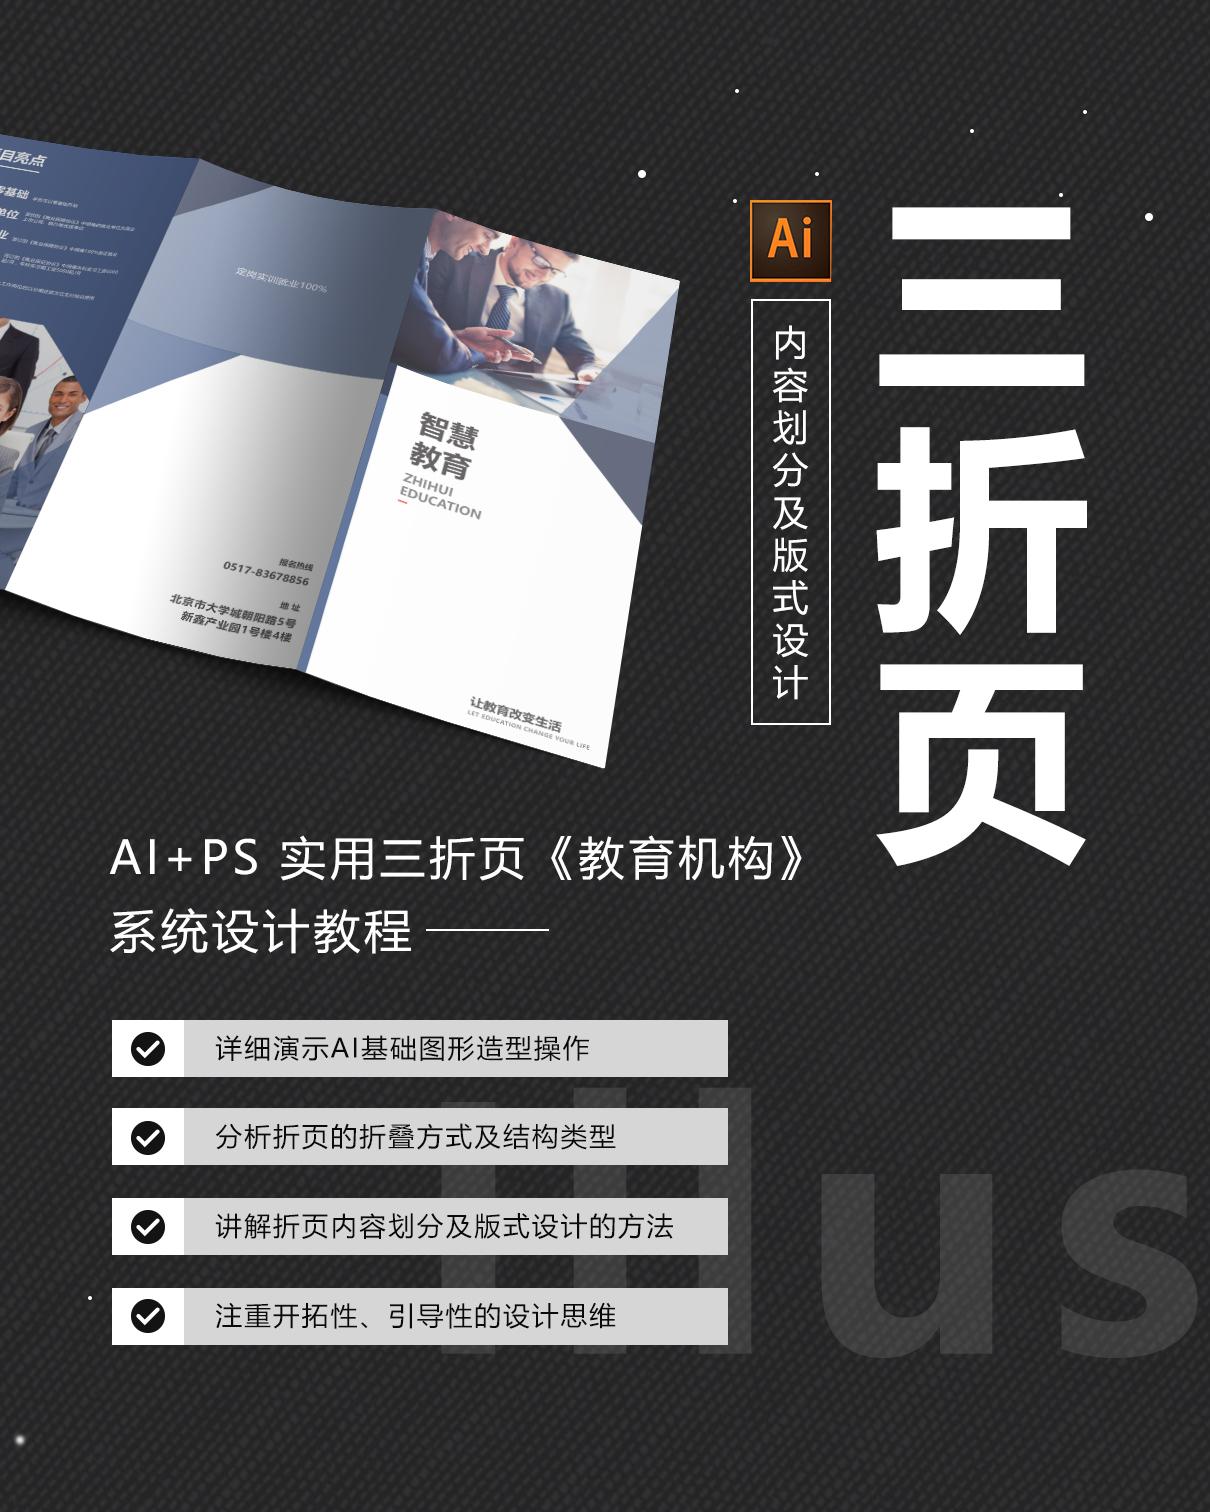 photoshop课时:三折页底面与折页设计视频教程_翼狐网